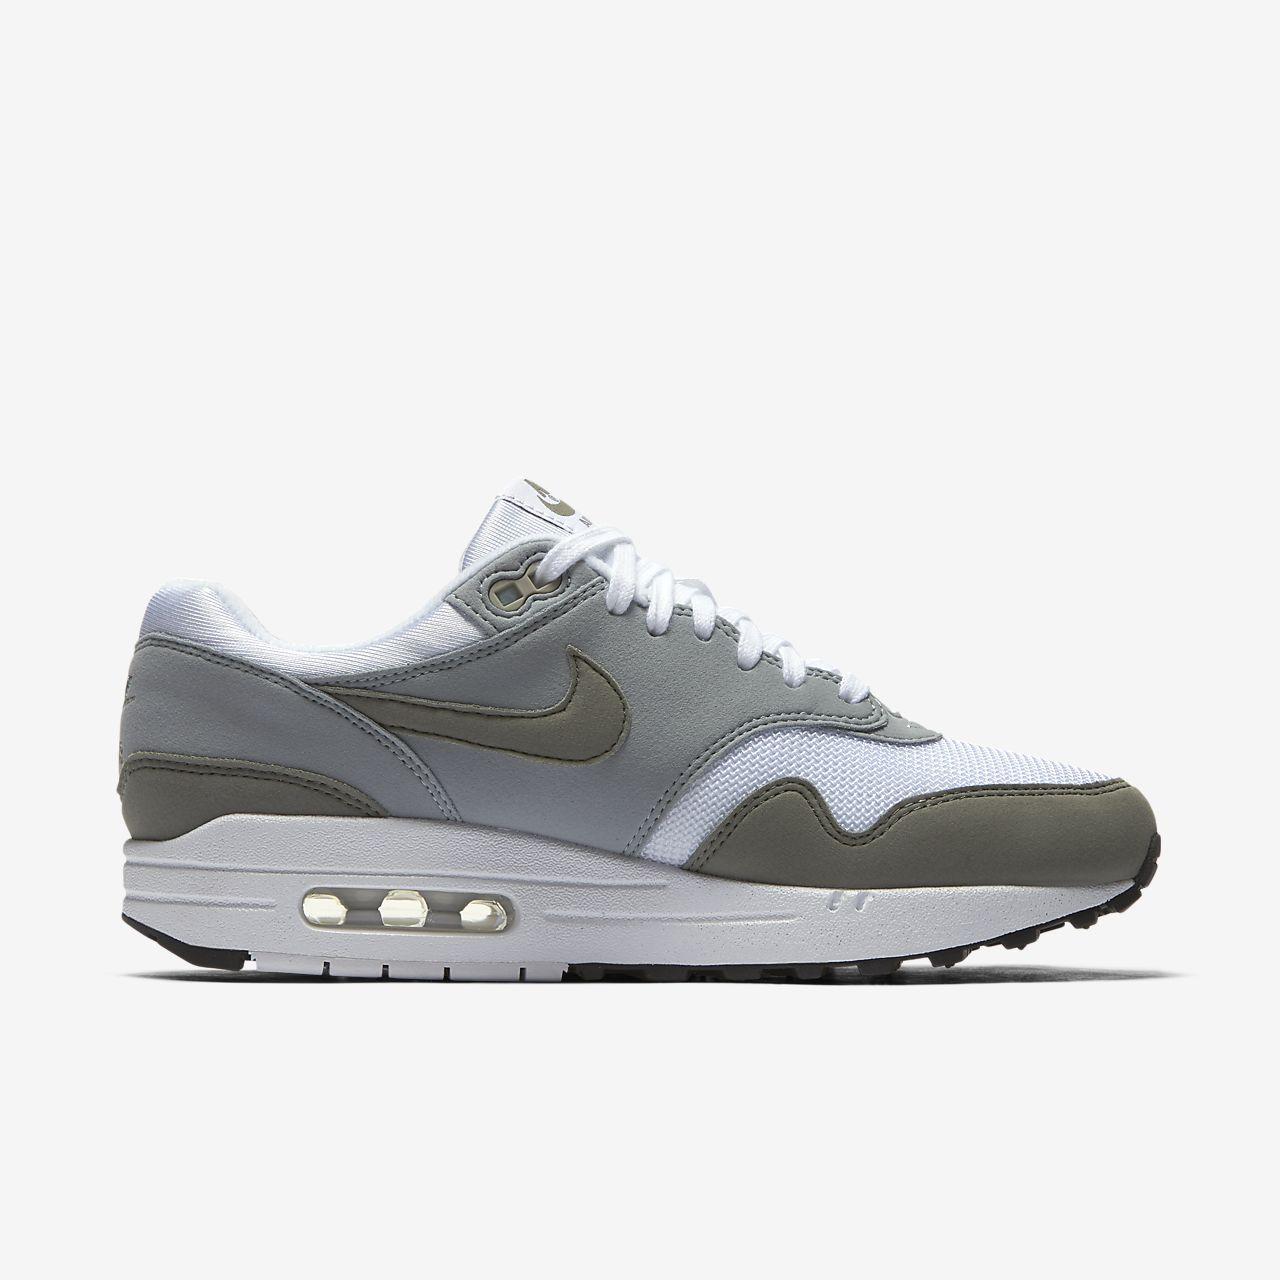 ... Nike Air Max 1 Women's Shoe